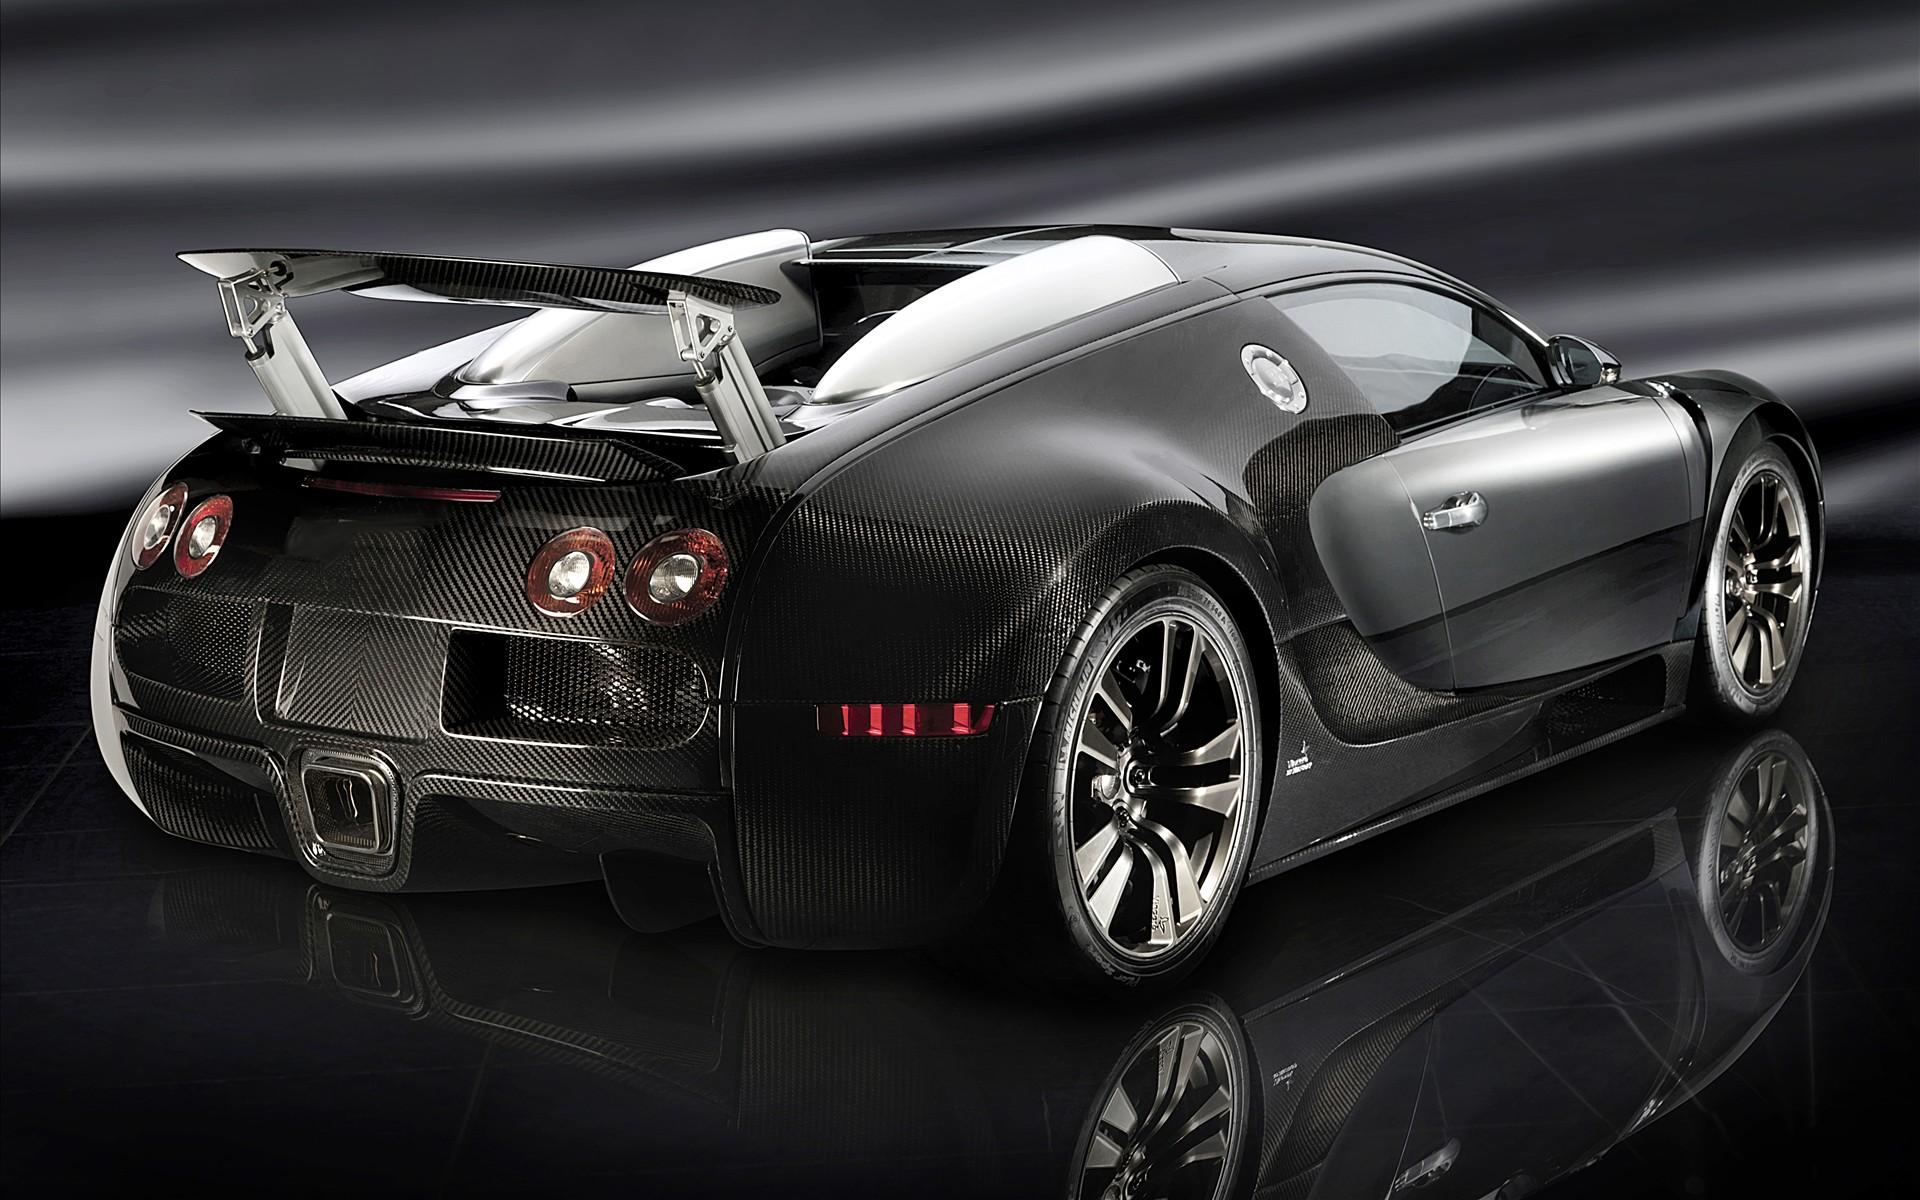 Black Bugatti Veyron 16.4 HD Wallpaper Desktop Download